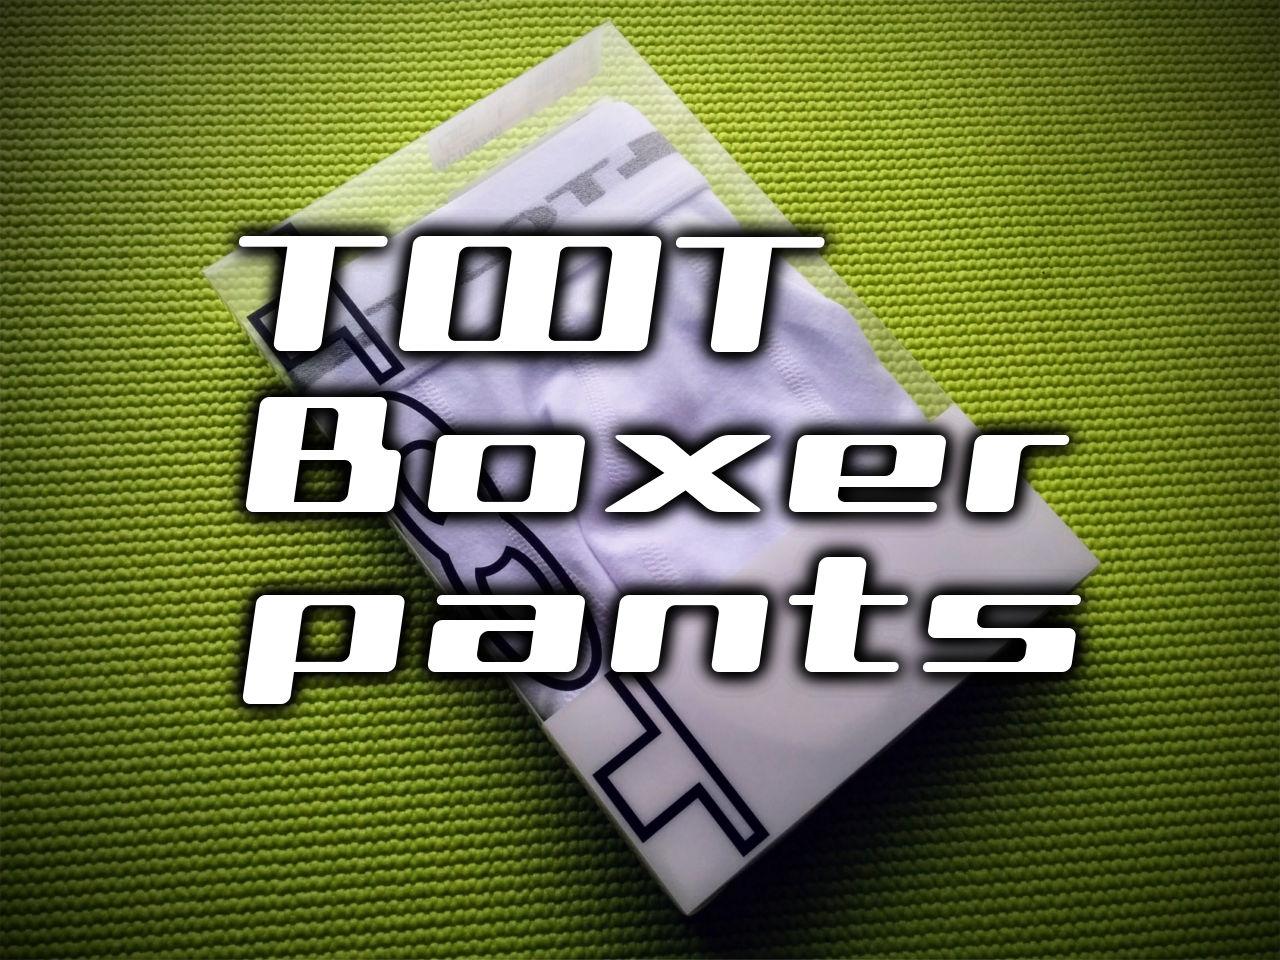 tootトゥート、ボクサーパンツ